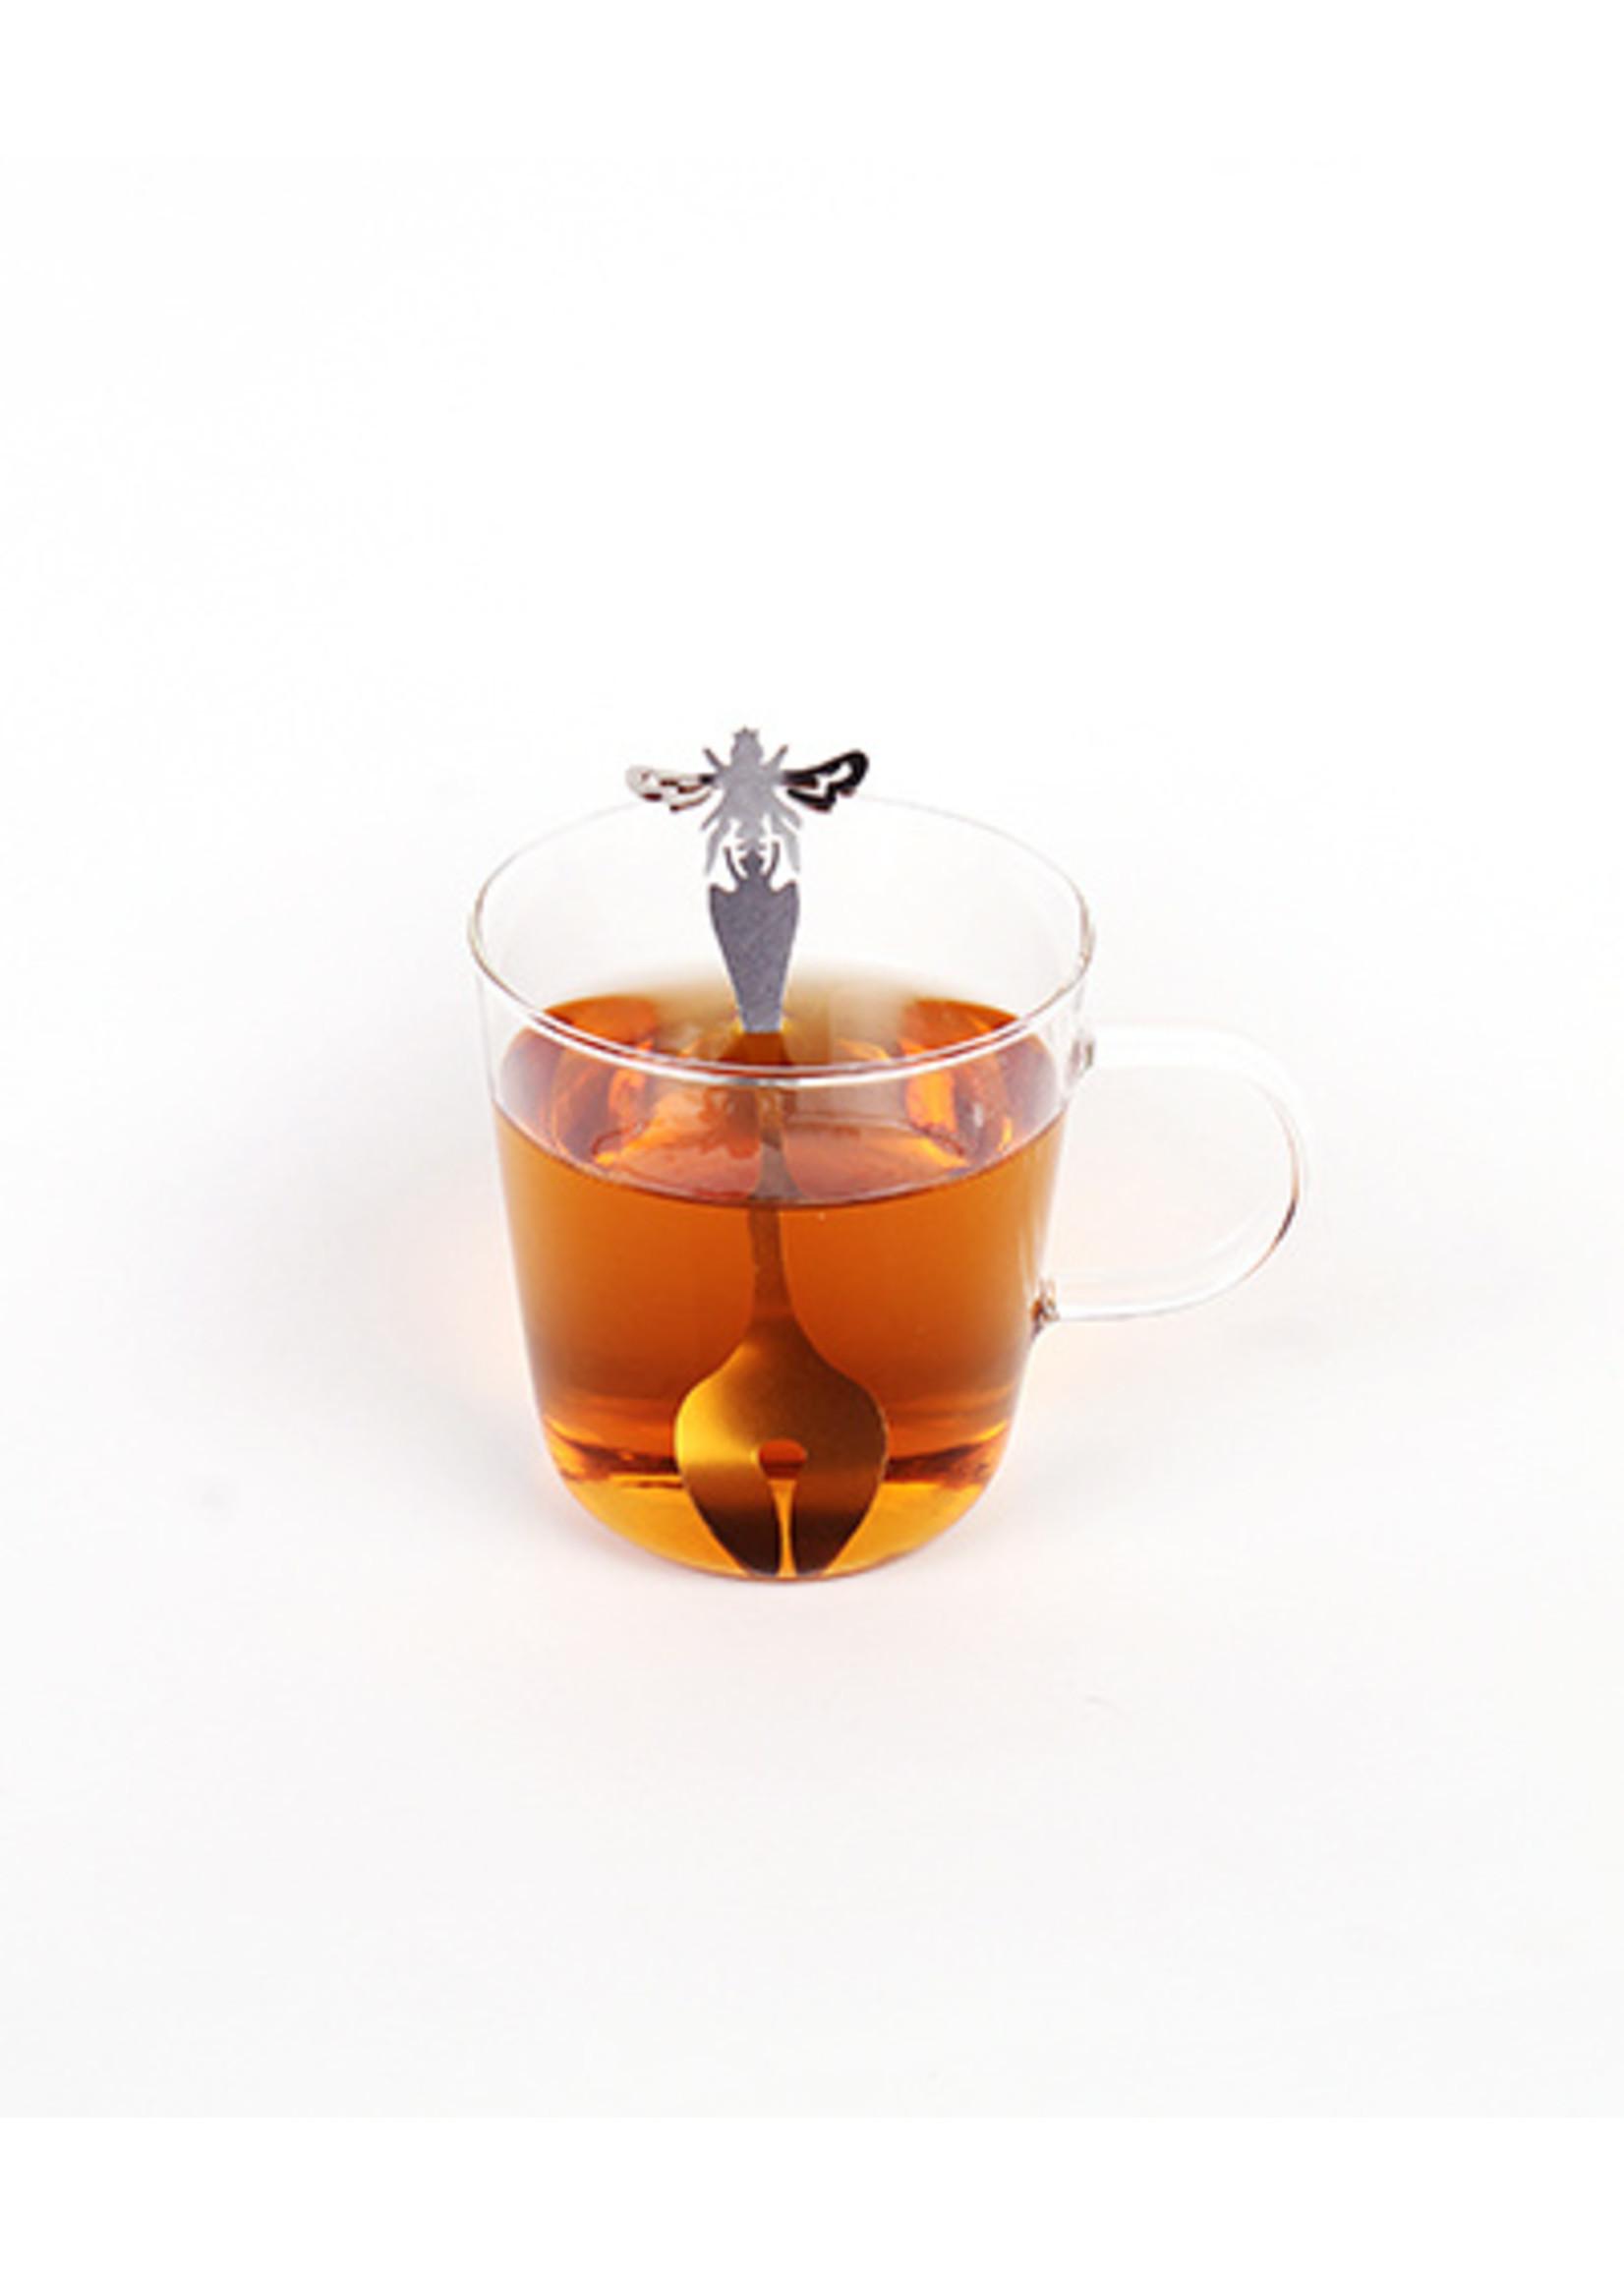 Honiglöffel von Studio DaG